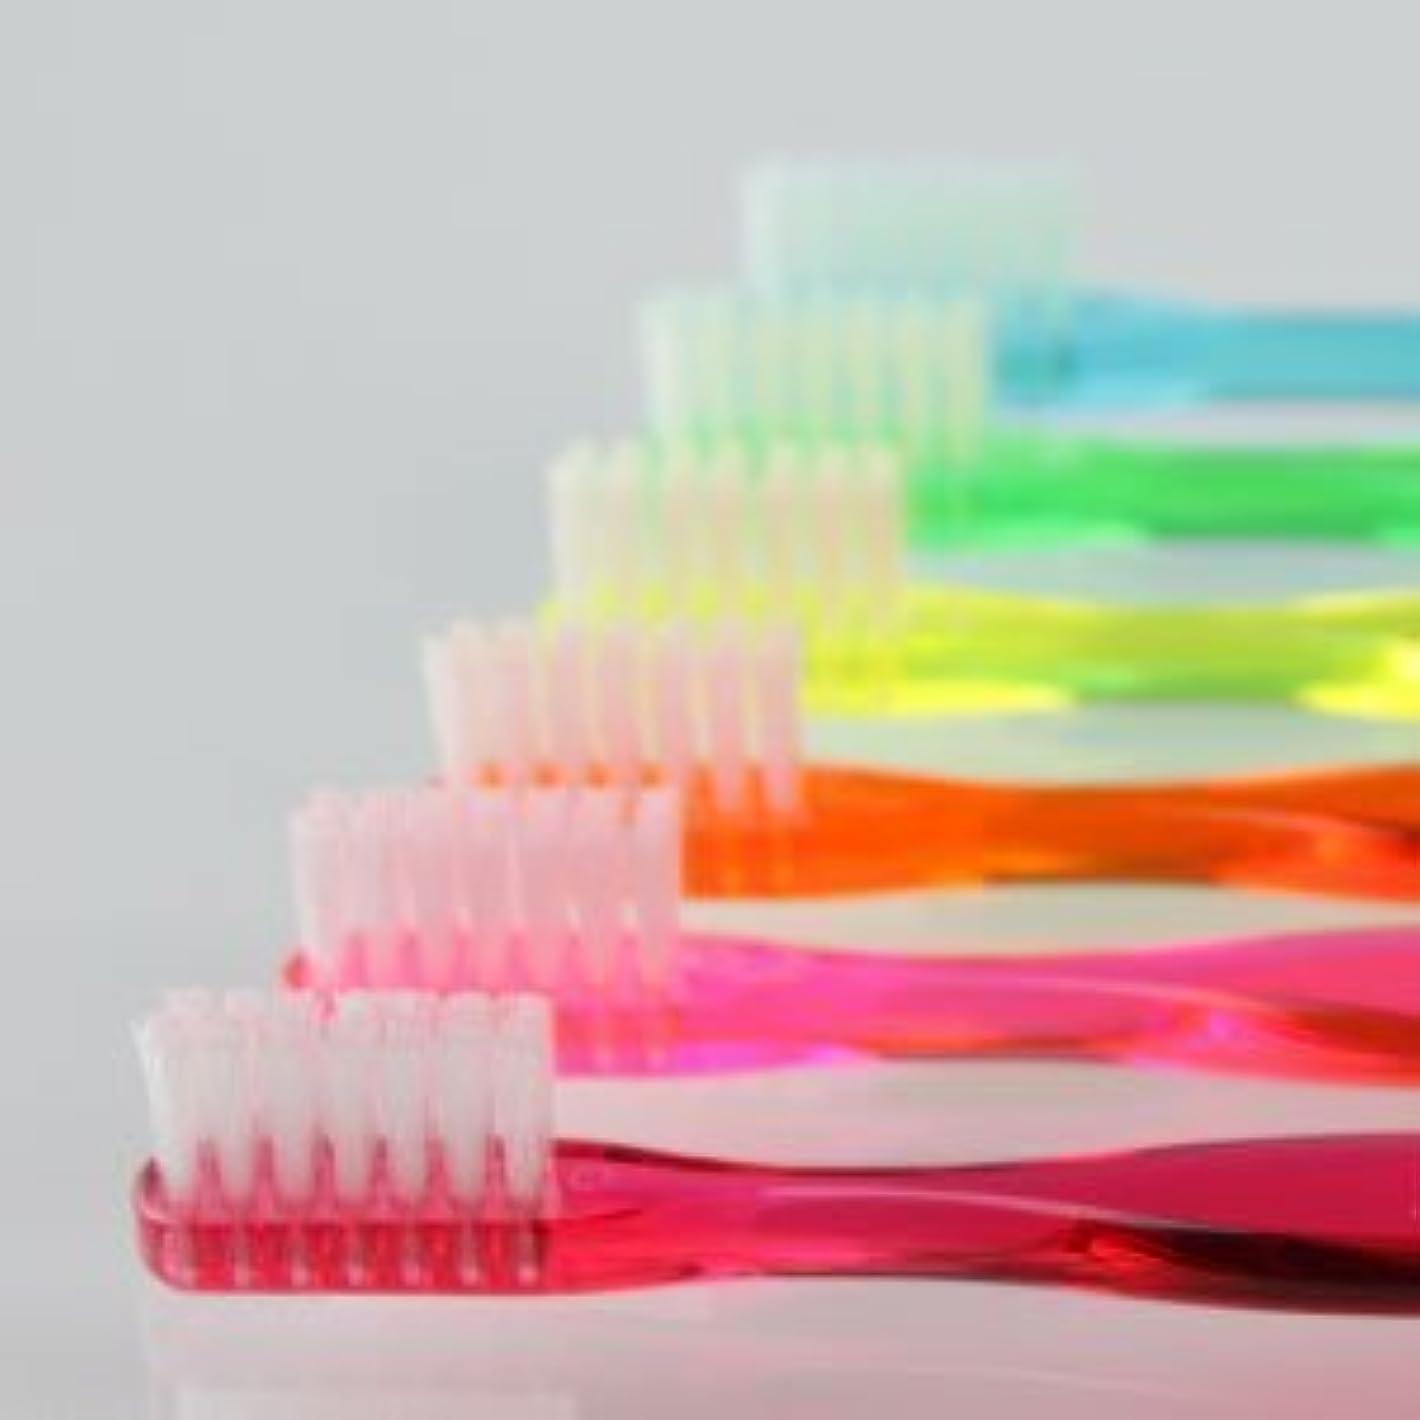 サムフレンド 歯ブラシ #20(ミニ) 6本 ※お色は当店お任せです